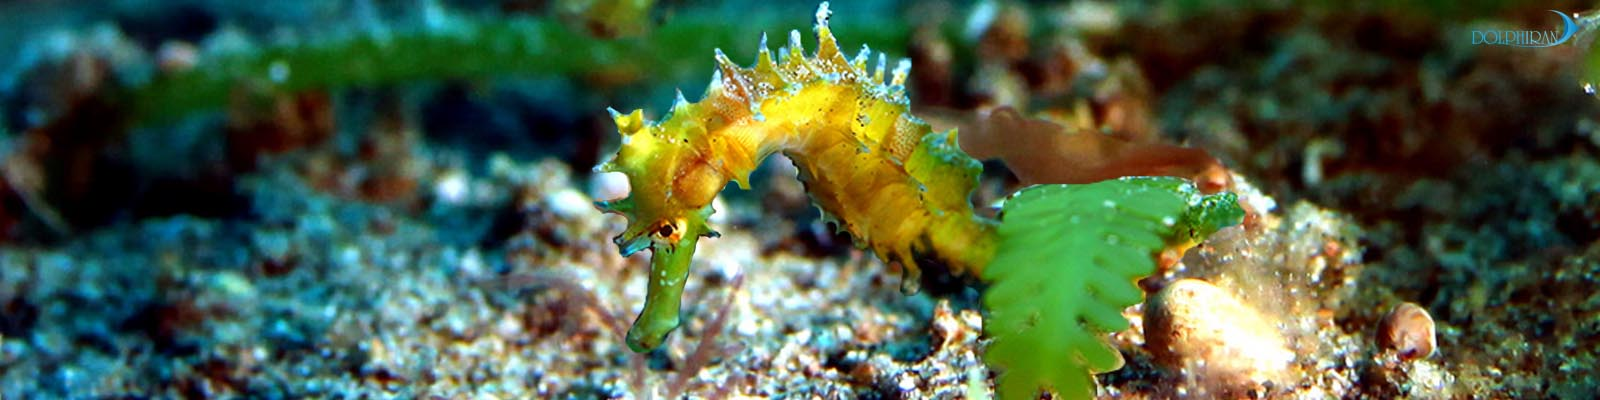 آشنایی با اسبک های دریایی جنس Hippocampus (بخش دوم)